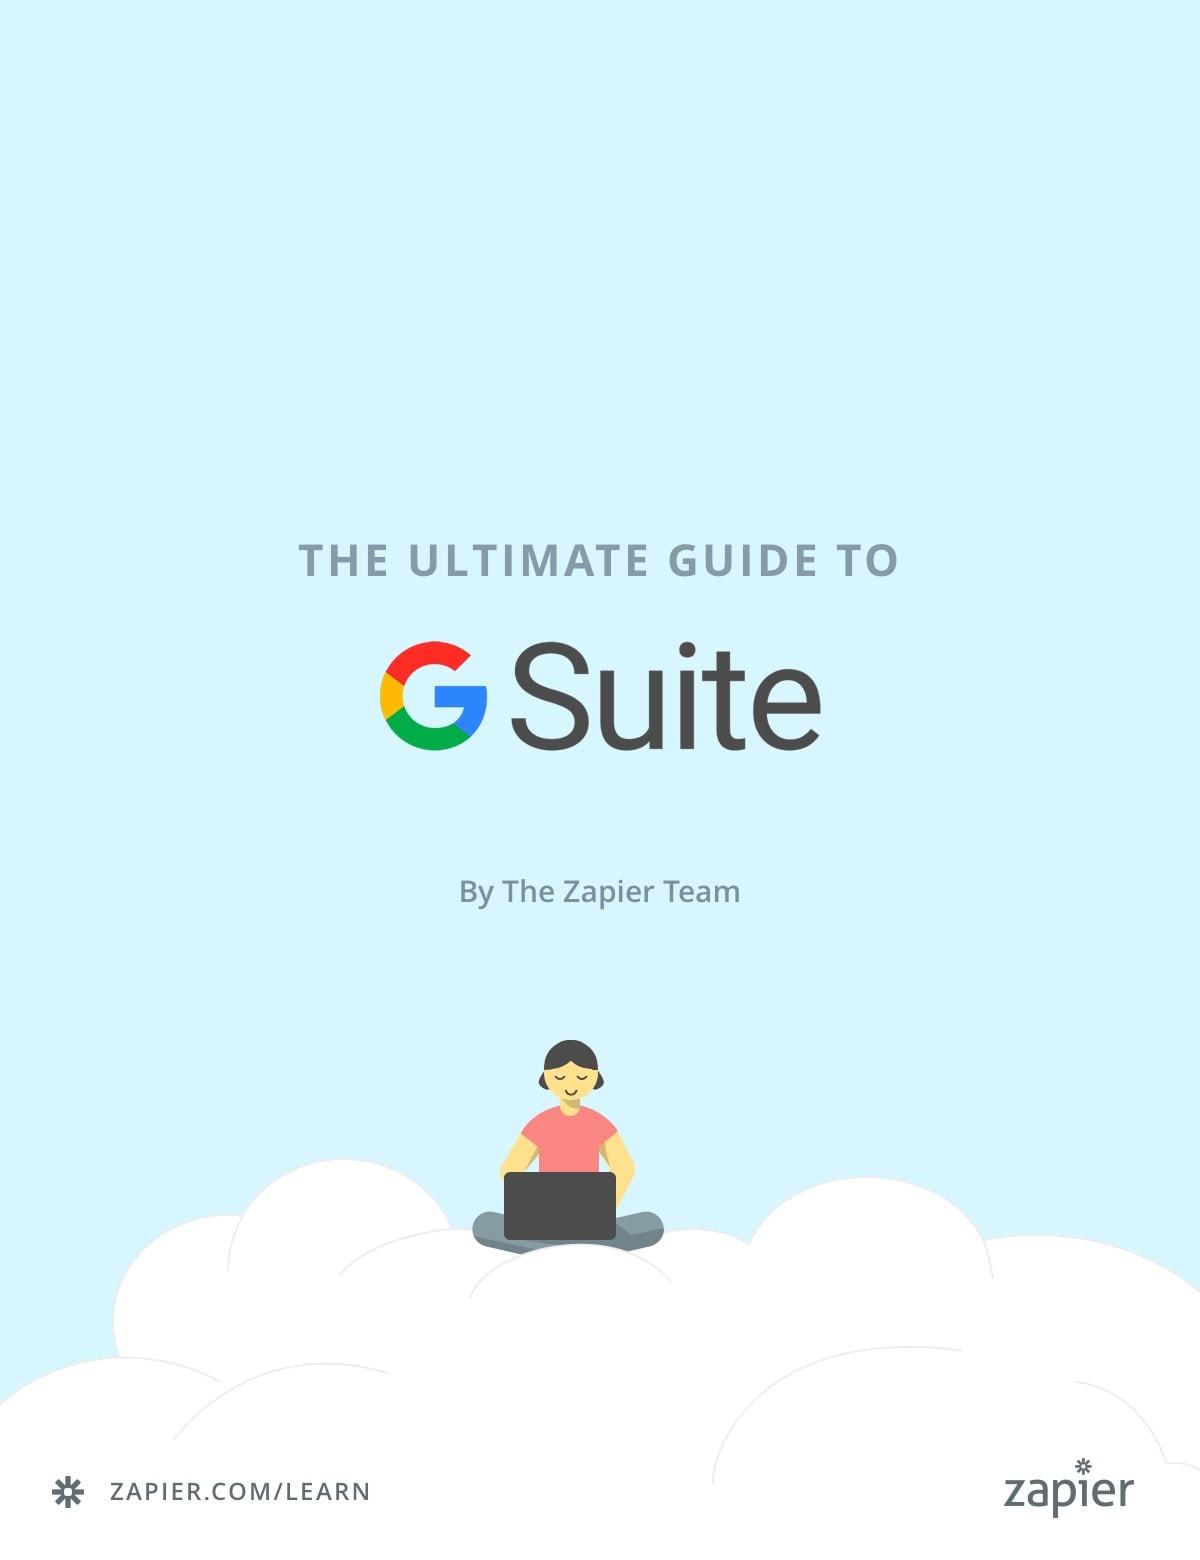 G Suite Book